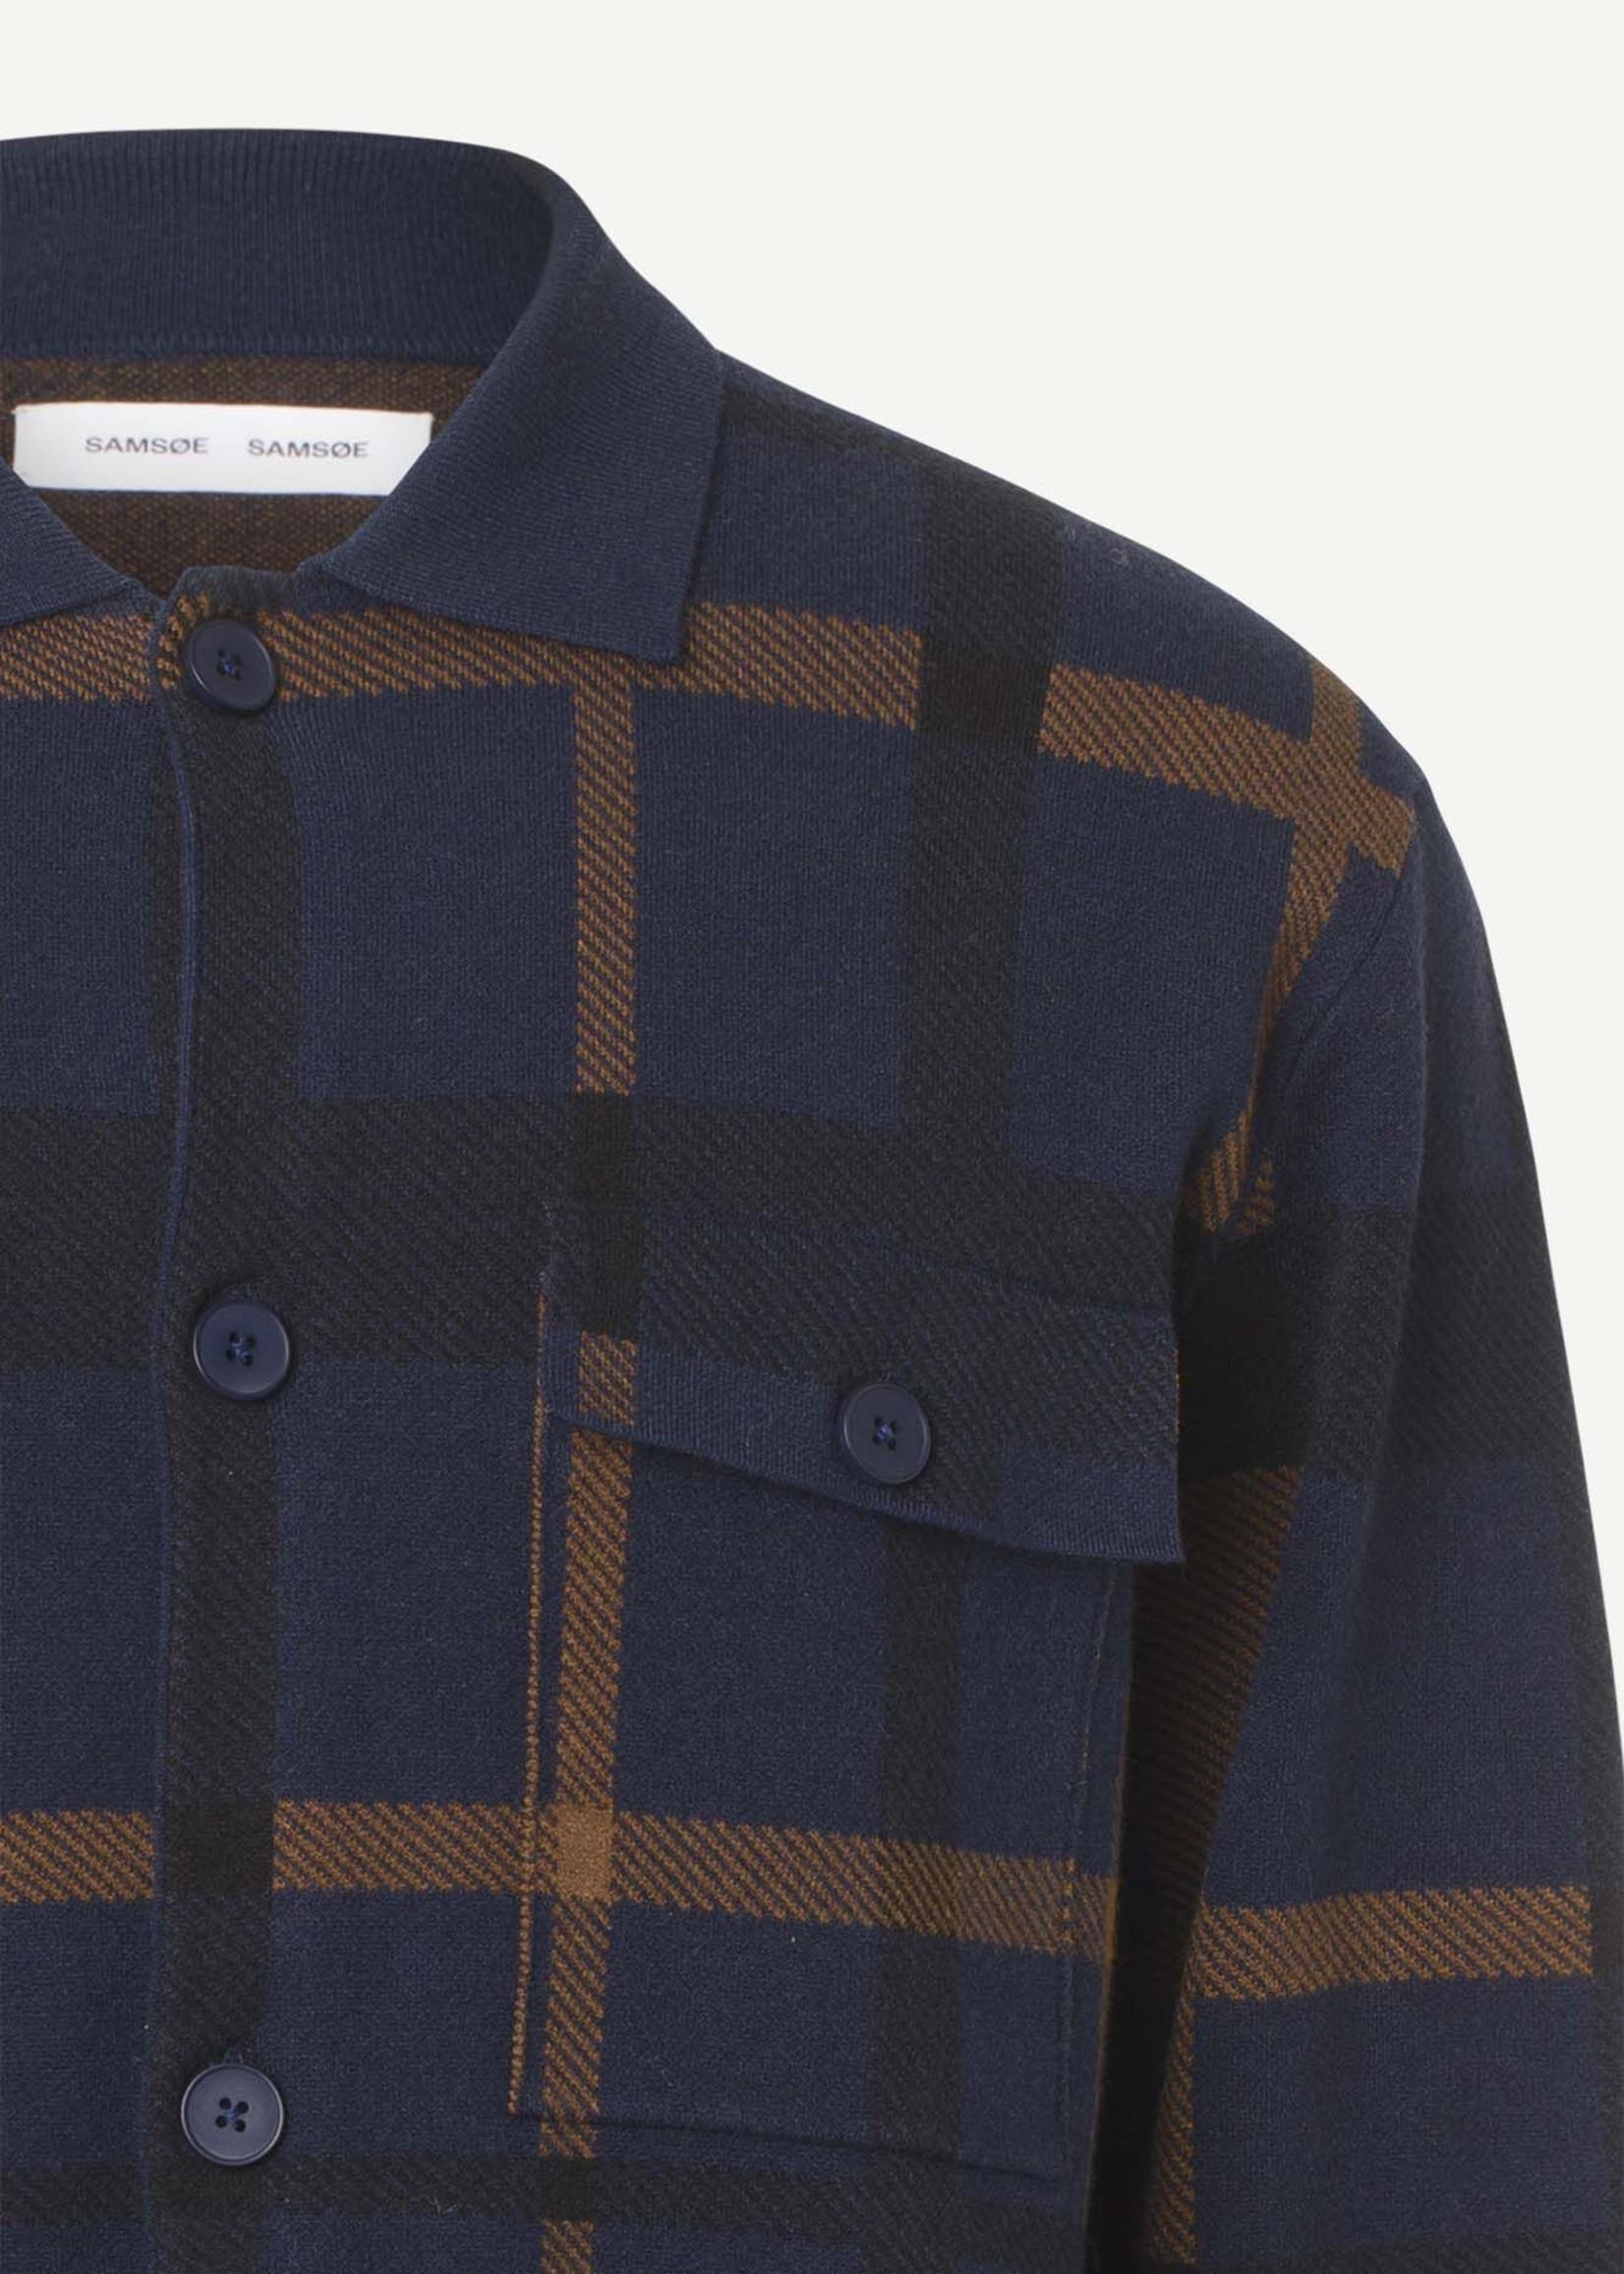 Samsoe & Samsoe Ryder Shirt 10490